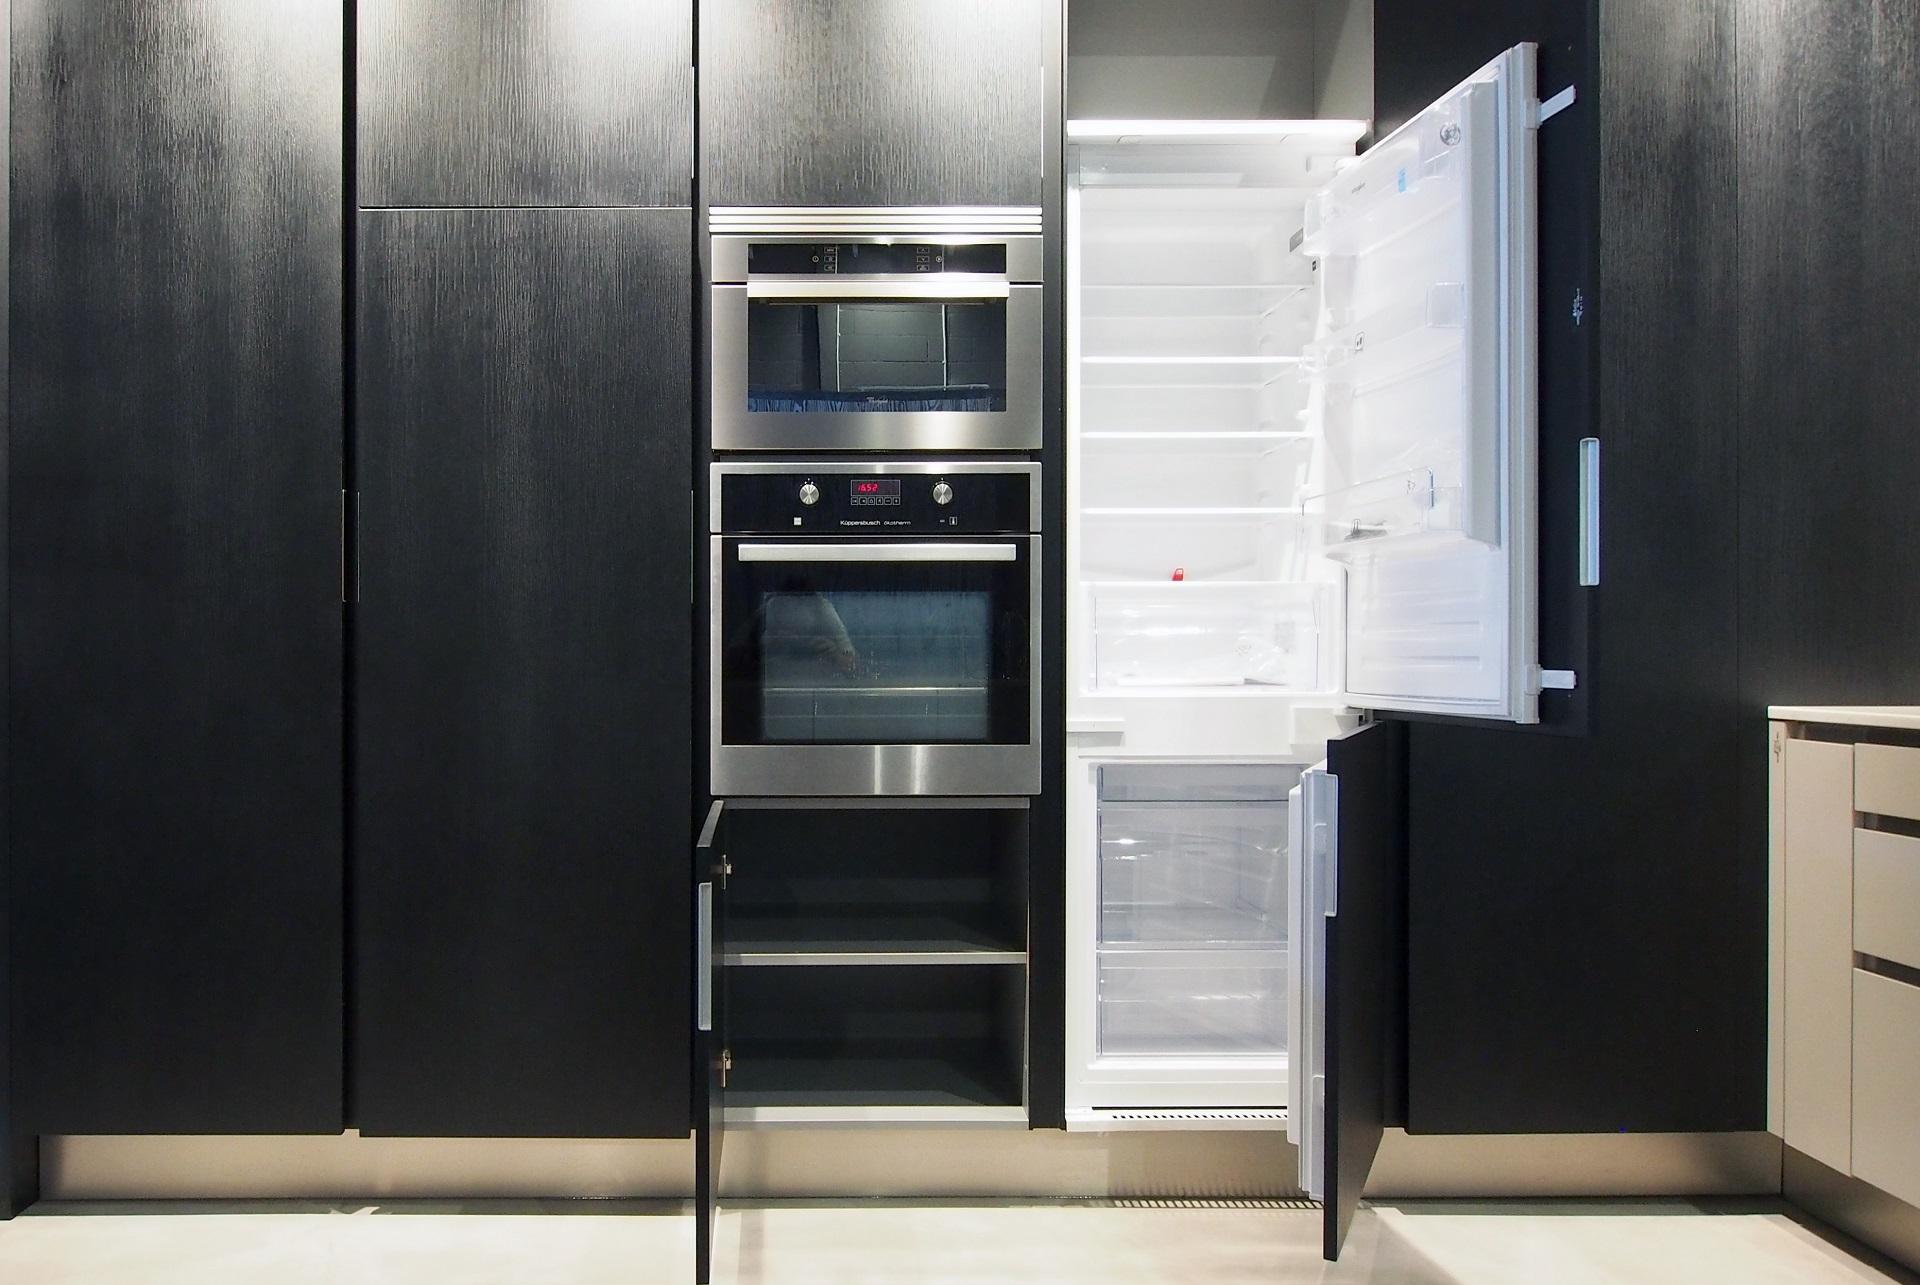 como optimizar cocinas despensa 2